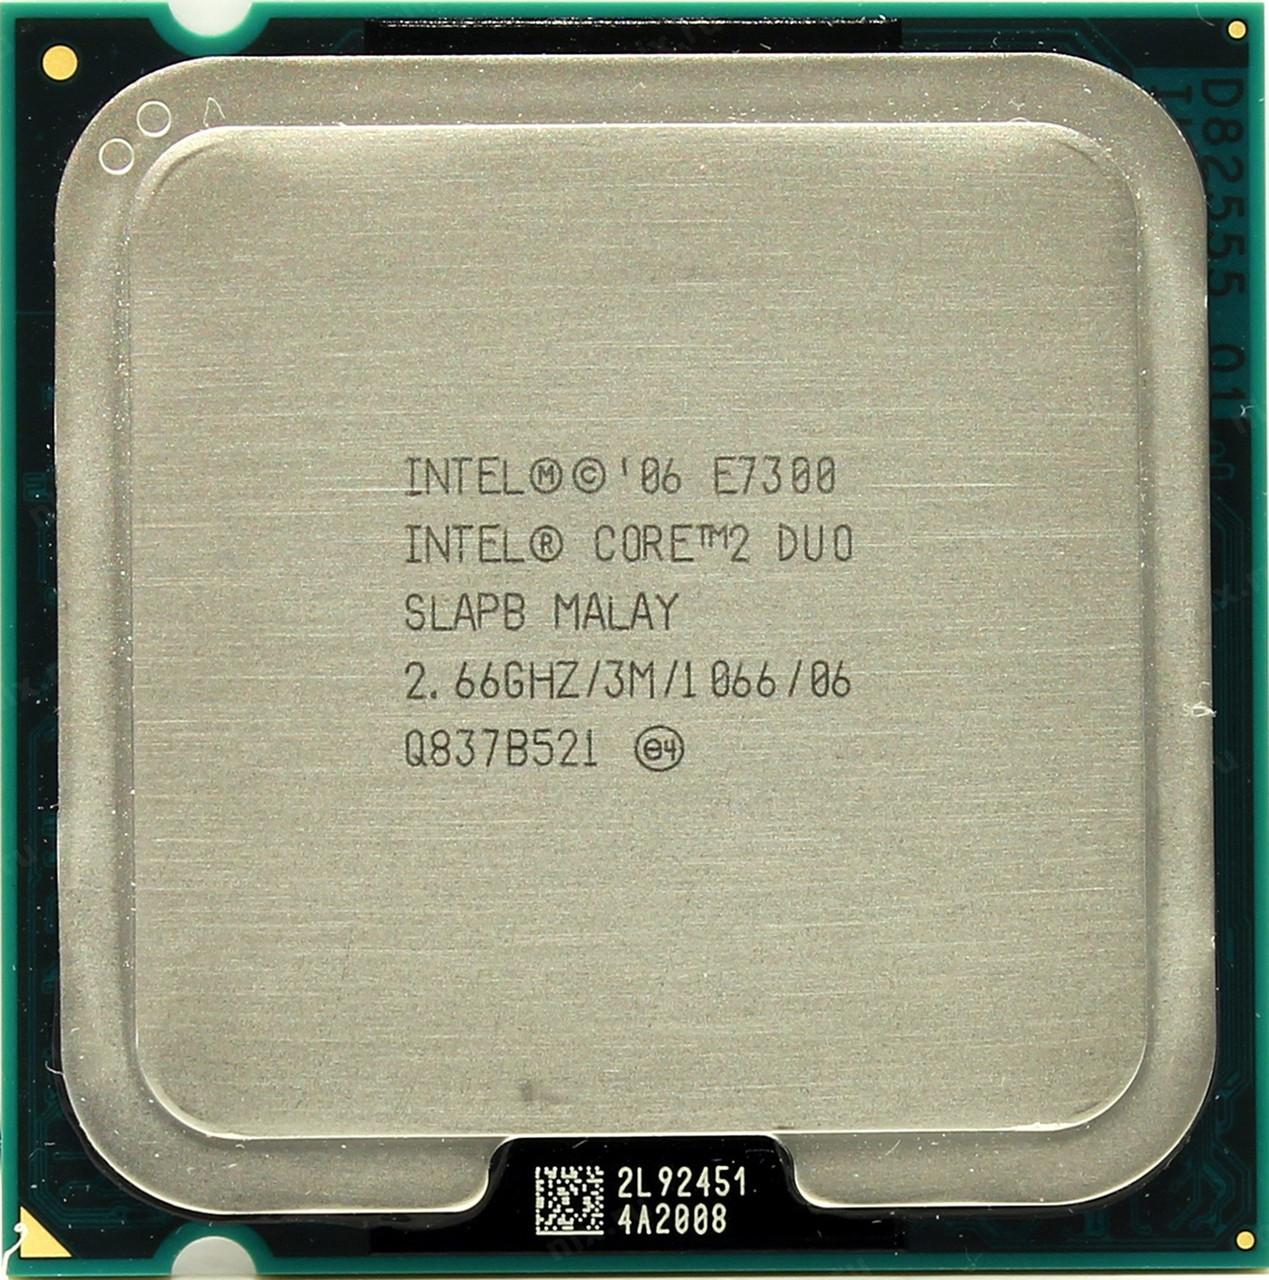 Процессор Intel Core 2 Duo E7300 2.66GHz/3M/1066 (SLAPB) s775, tray